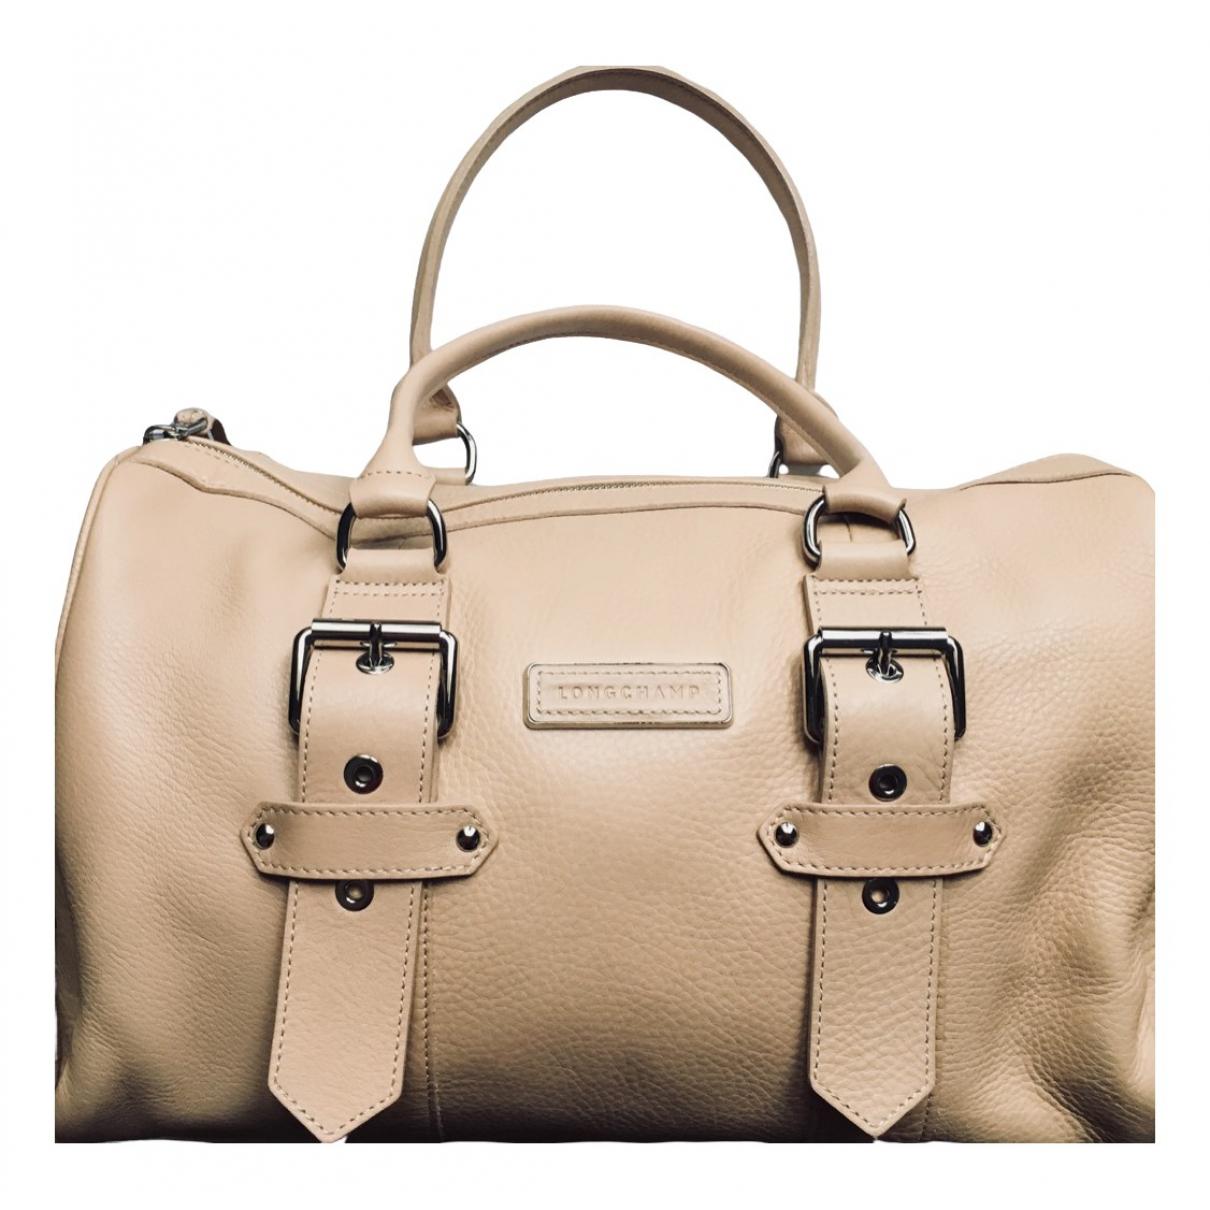 Longchamp Kate Moss Beige Leather handbag for Women \N